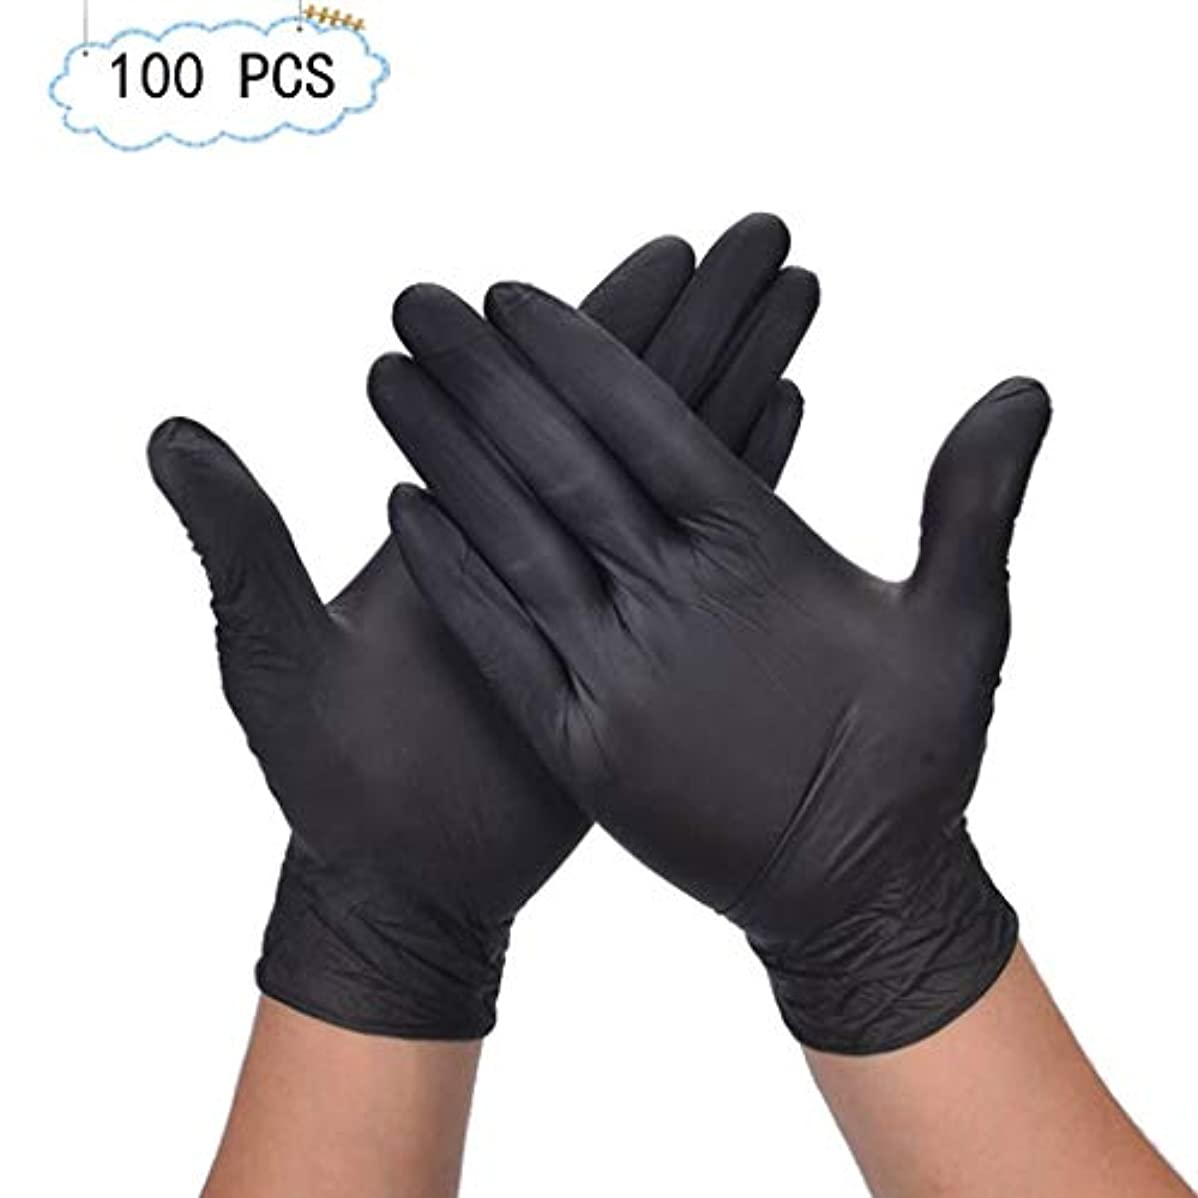 半径謝罪する人ニトリル滑り止め酸およびアルカリテスト産業用食品使い捨て手袋ペットケアネイルアート検査保護実験、美容院ラテックスフリー、パウダーフリー、両手利き、100個 (Color : Black, Size : XL)